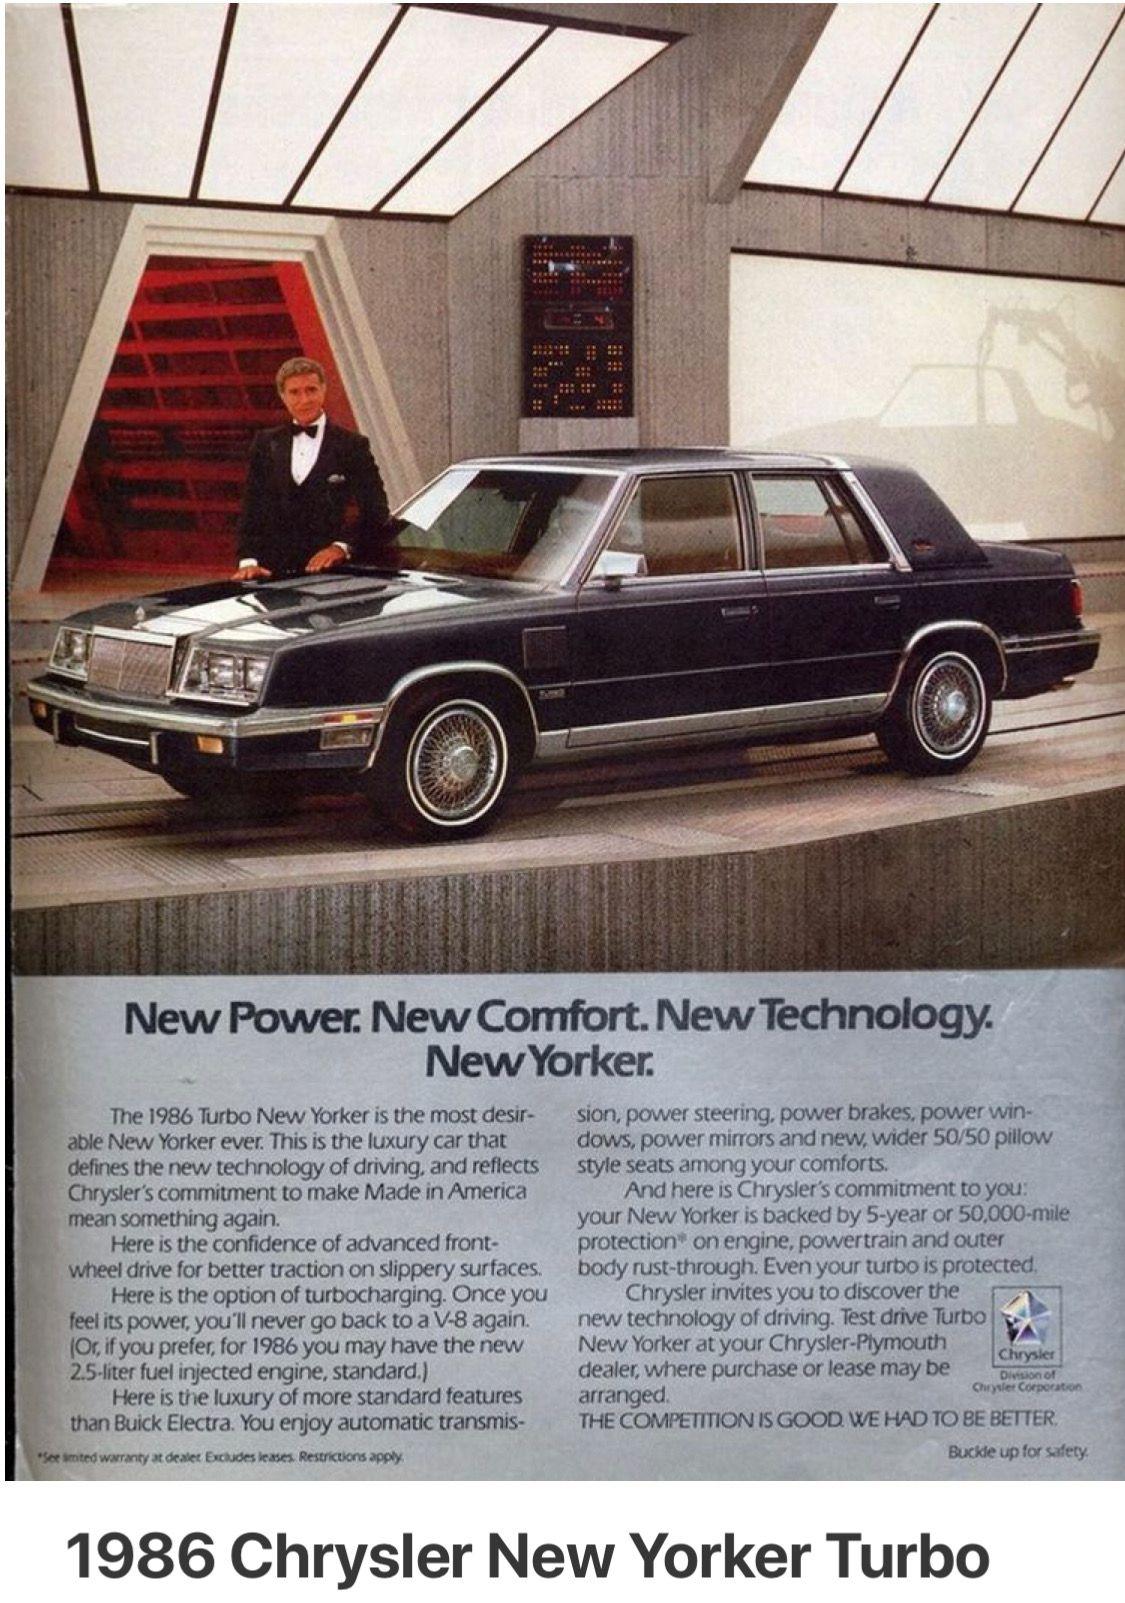 1986 Chrysler New Yorker Turbo With Ricardo Montalban Chrysler